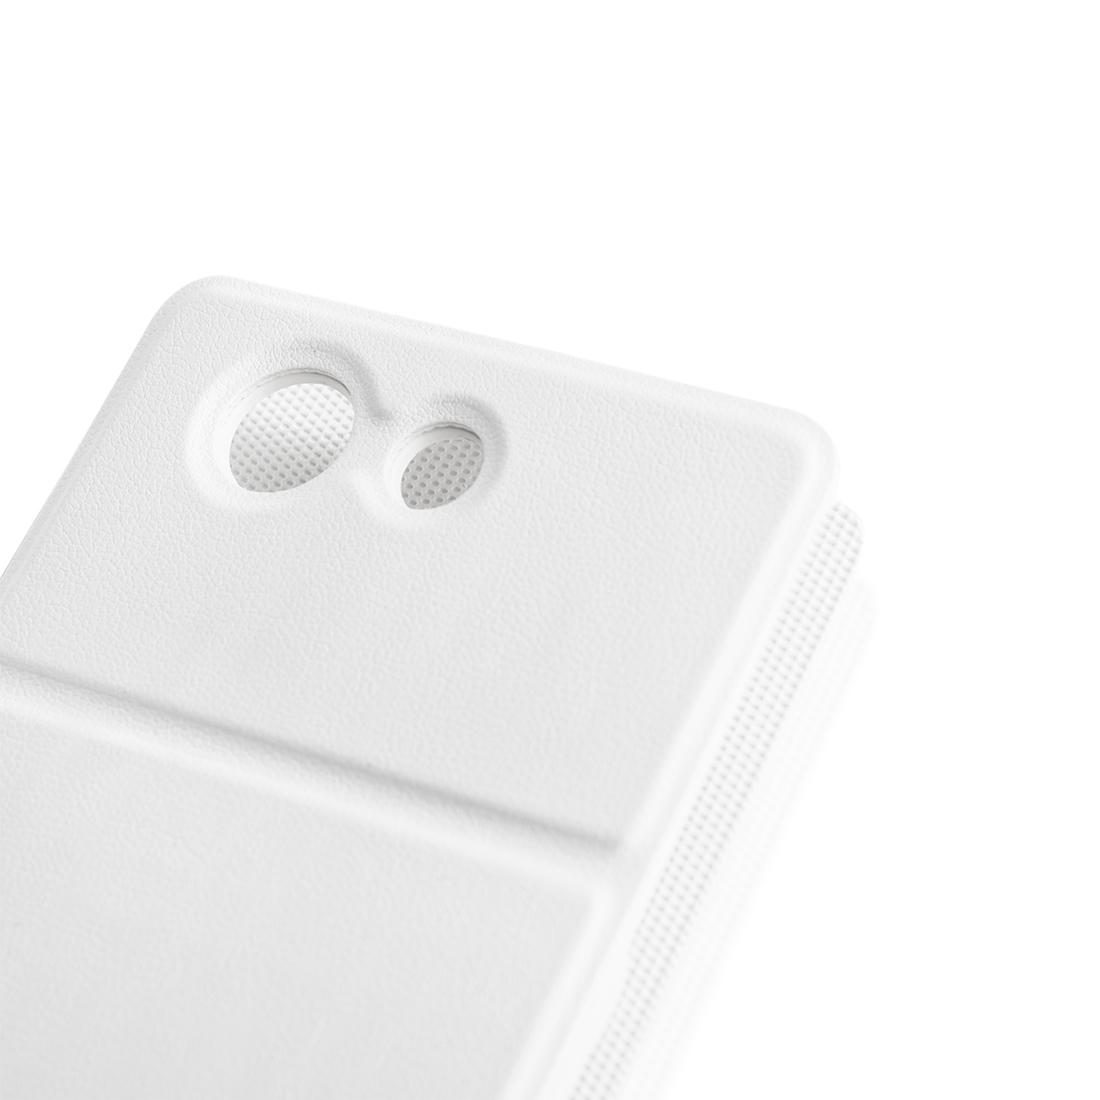 Откидной чехол белого цвета для Xperia Z3 Compact в Sony Centre